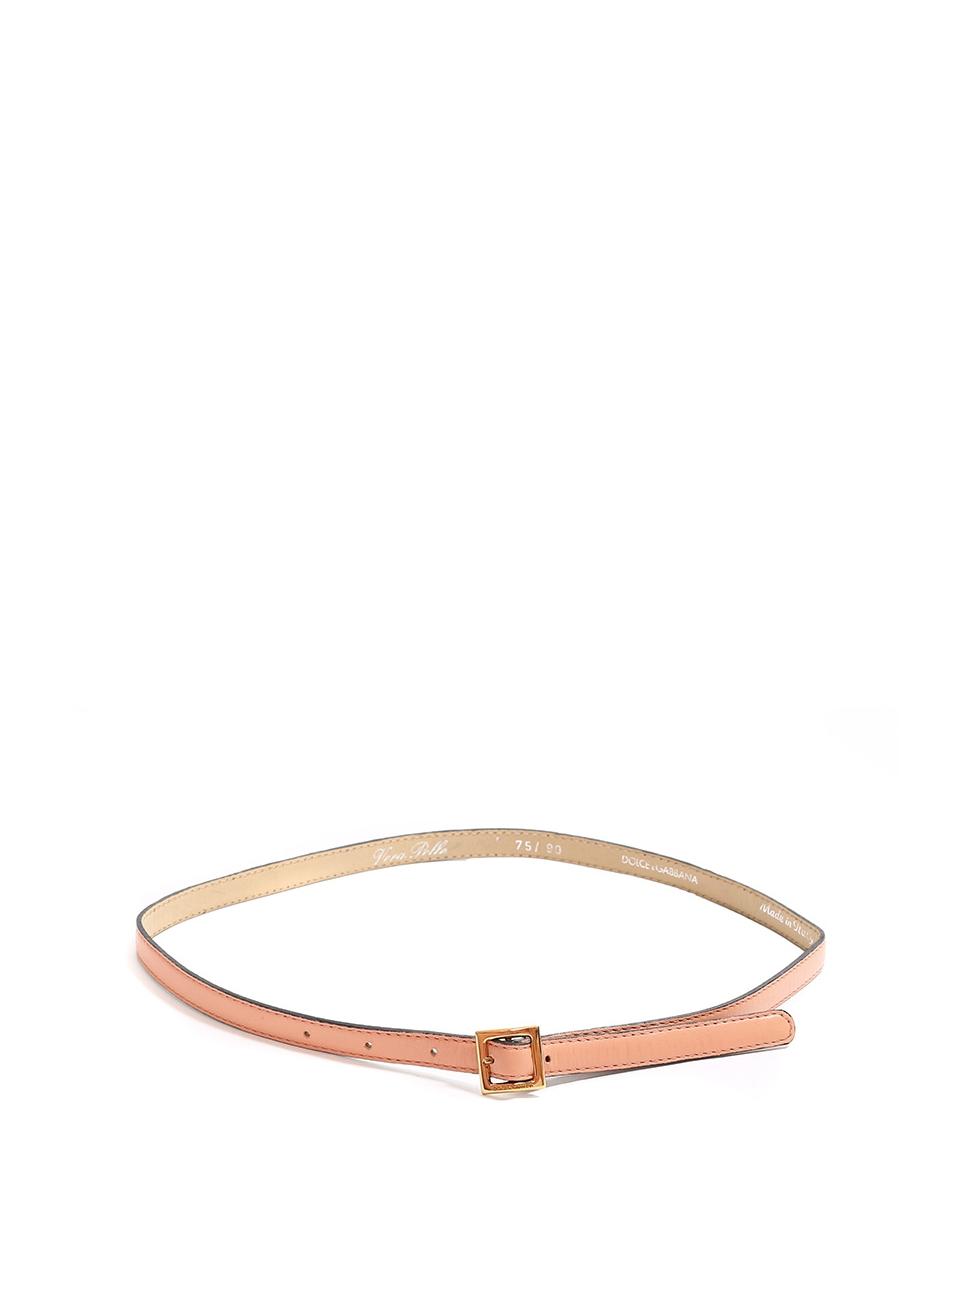 Louise Paris - DOLCE   GABBANA Ceinture fine en cuir rose pêche et boucle  carrée dorée Px boutique 350€ Taille S 3d0e85a1743